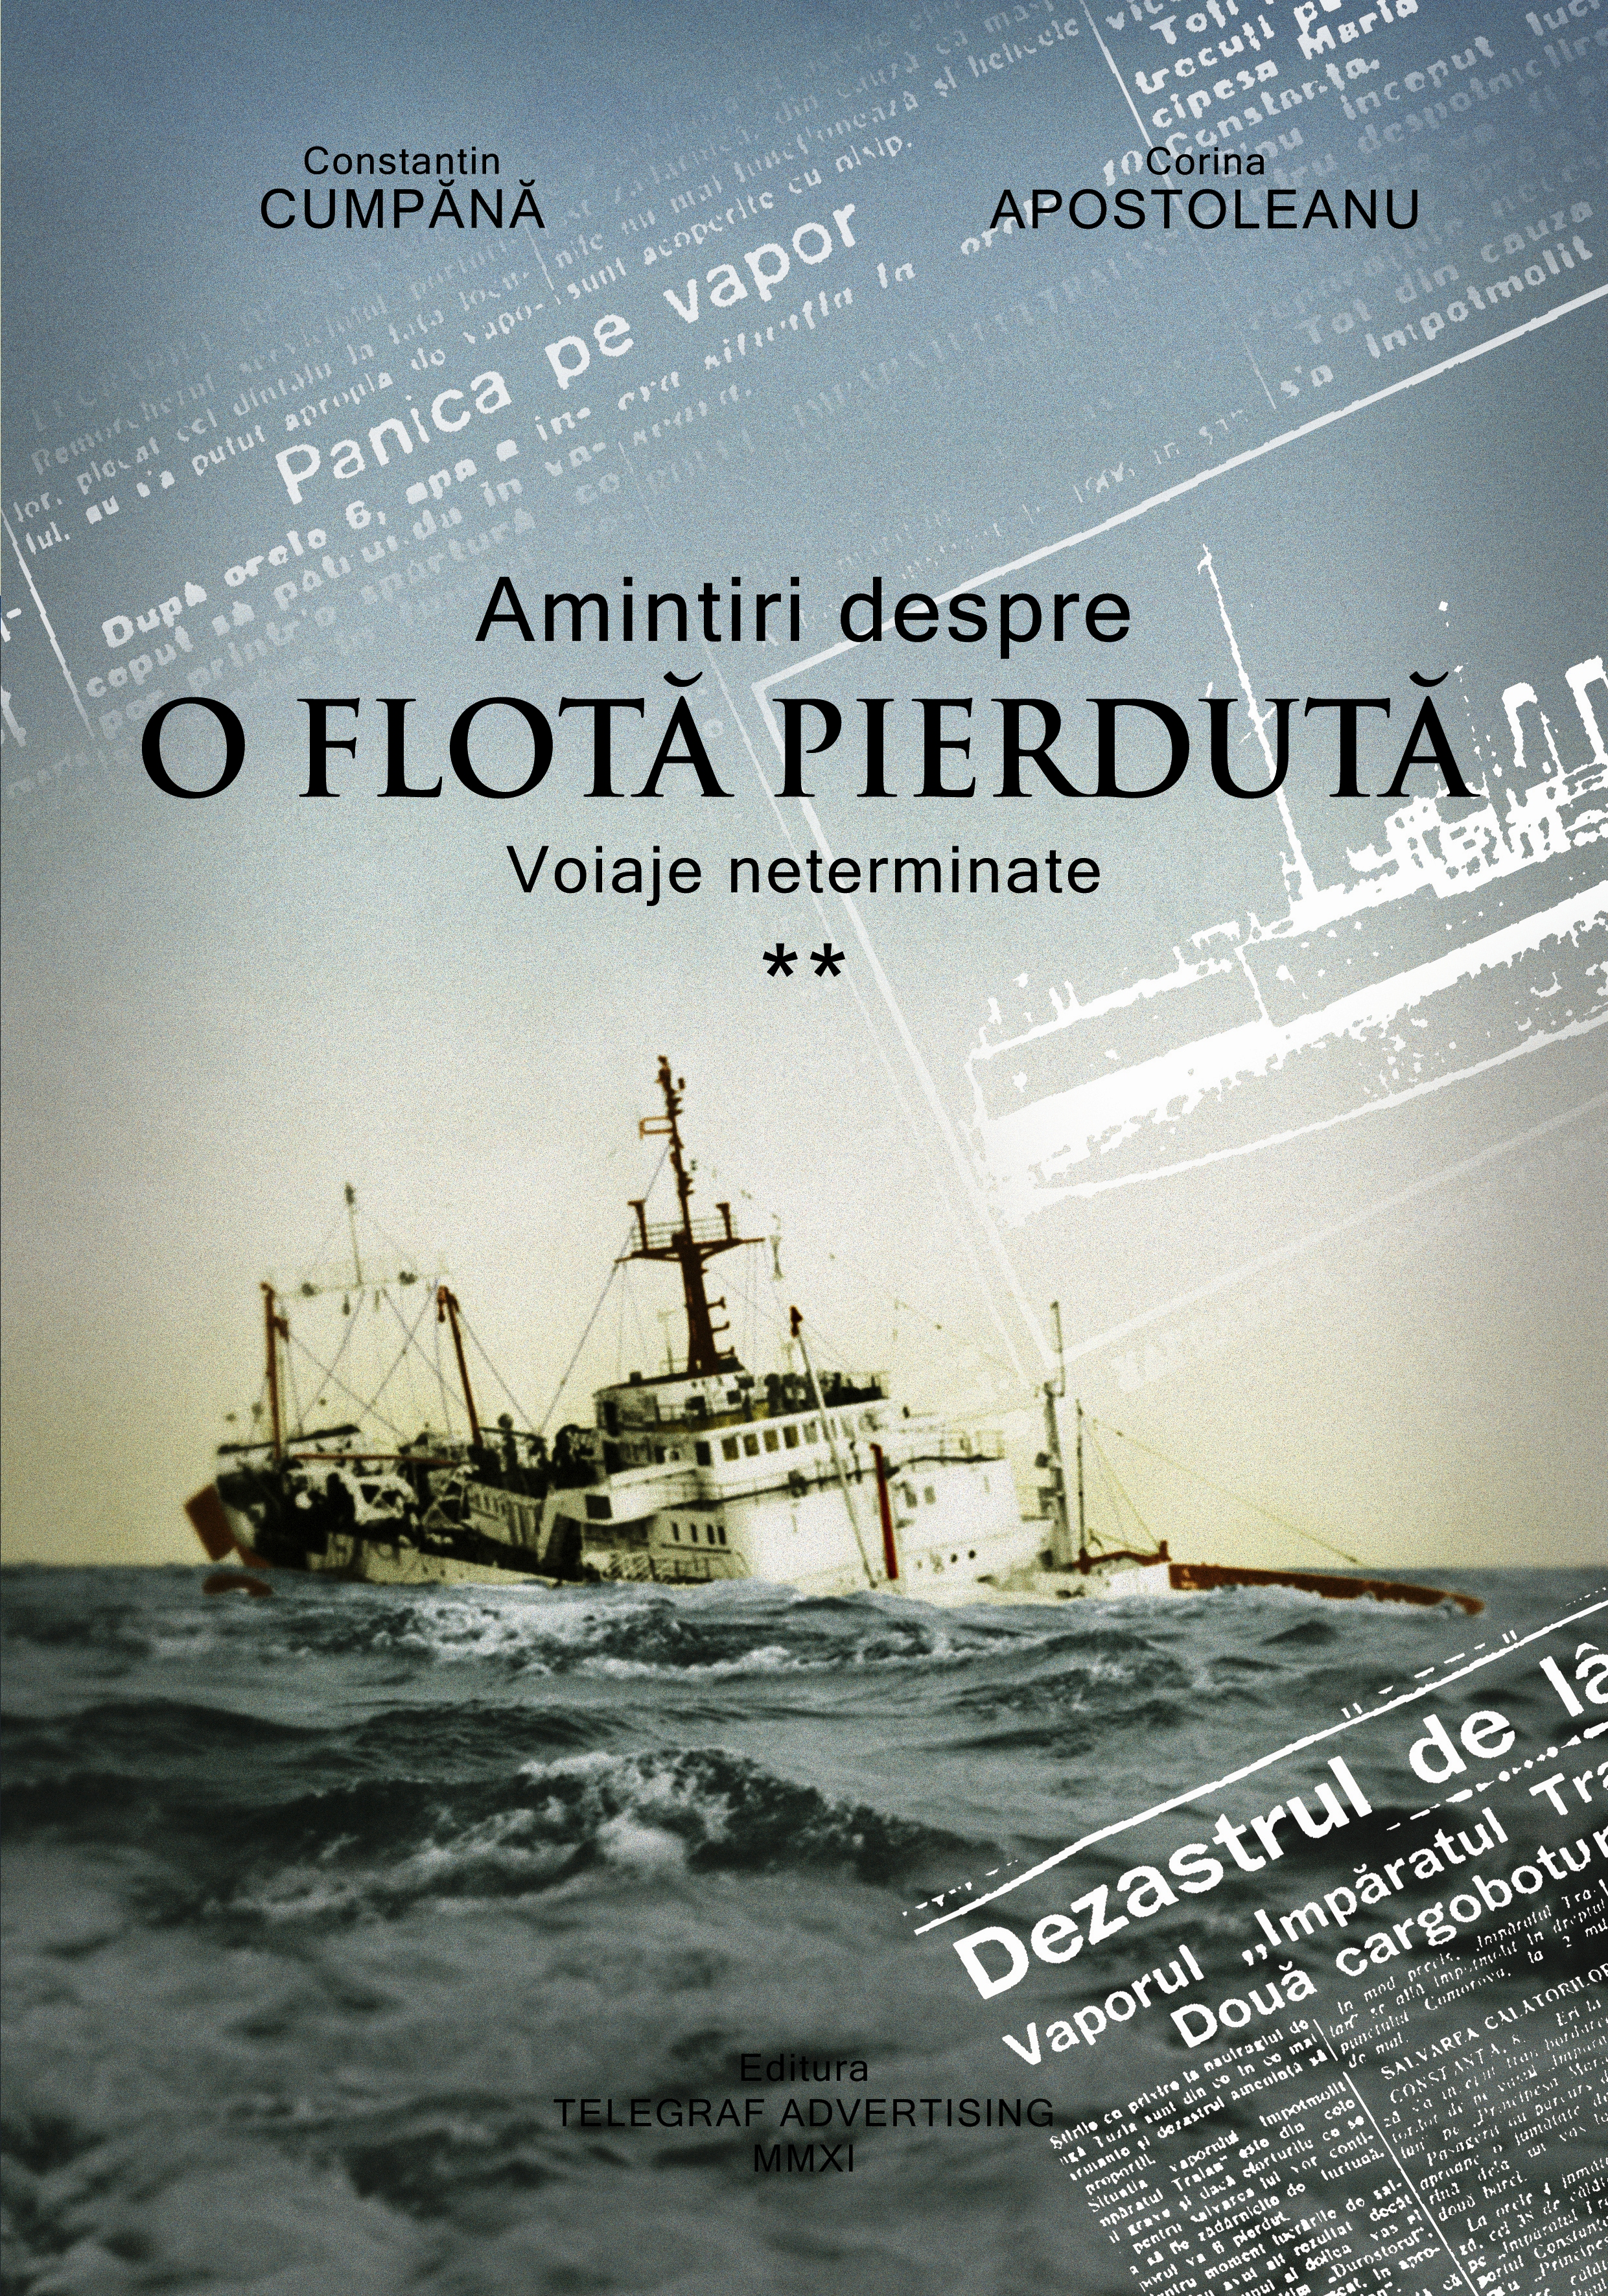 Amintiri despre o flotă pierdută, vol. II - Voiaje neterminate.